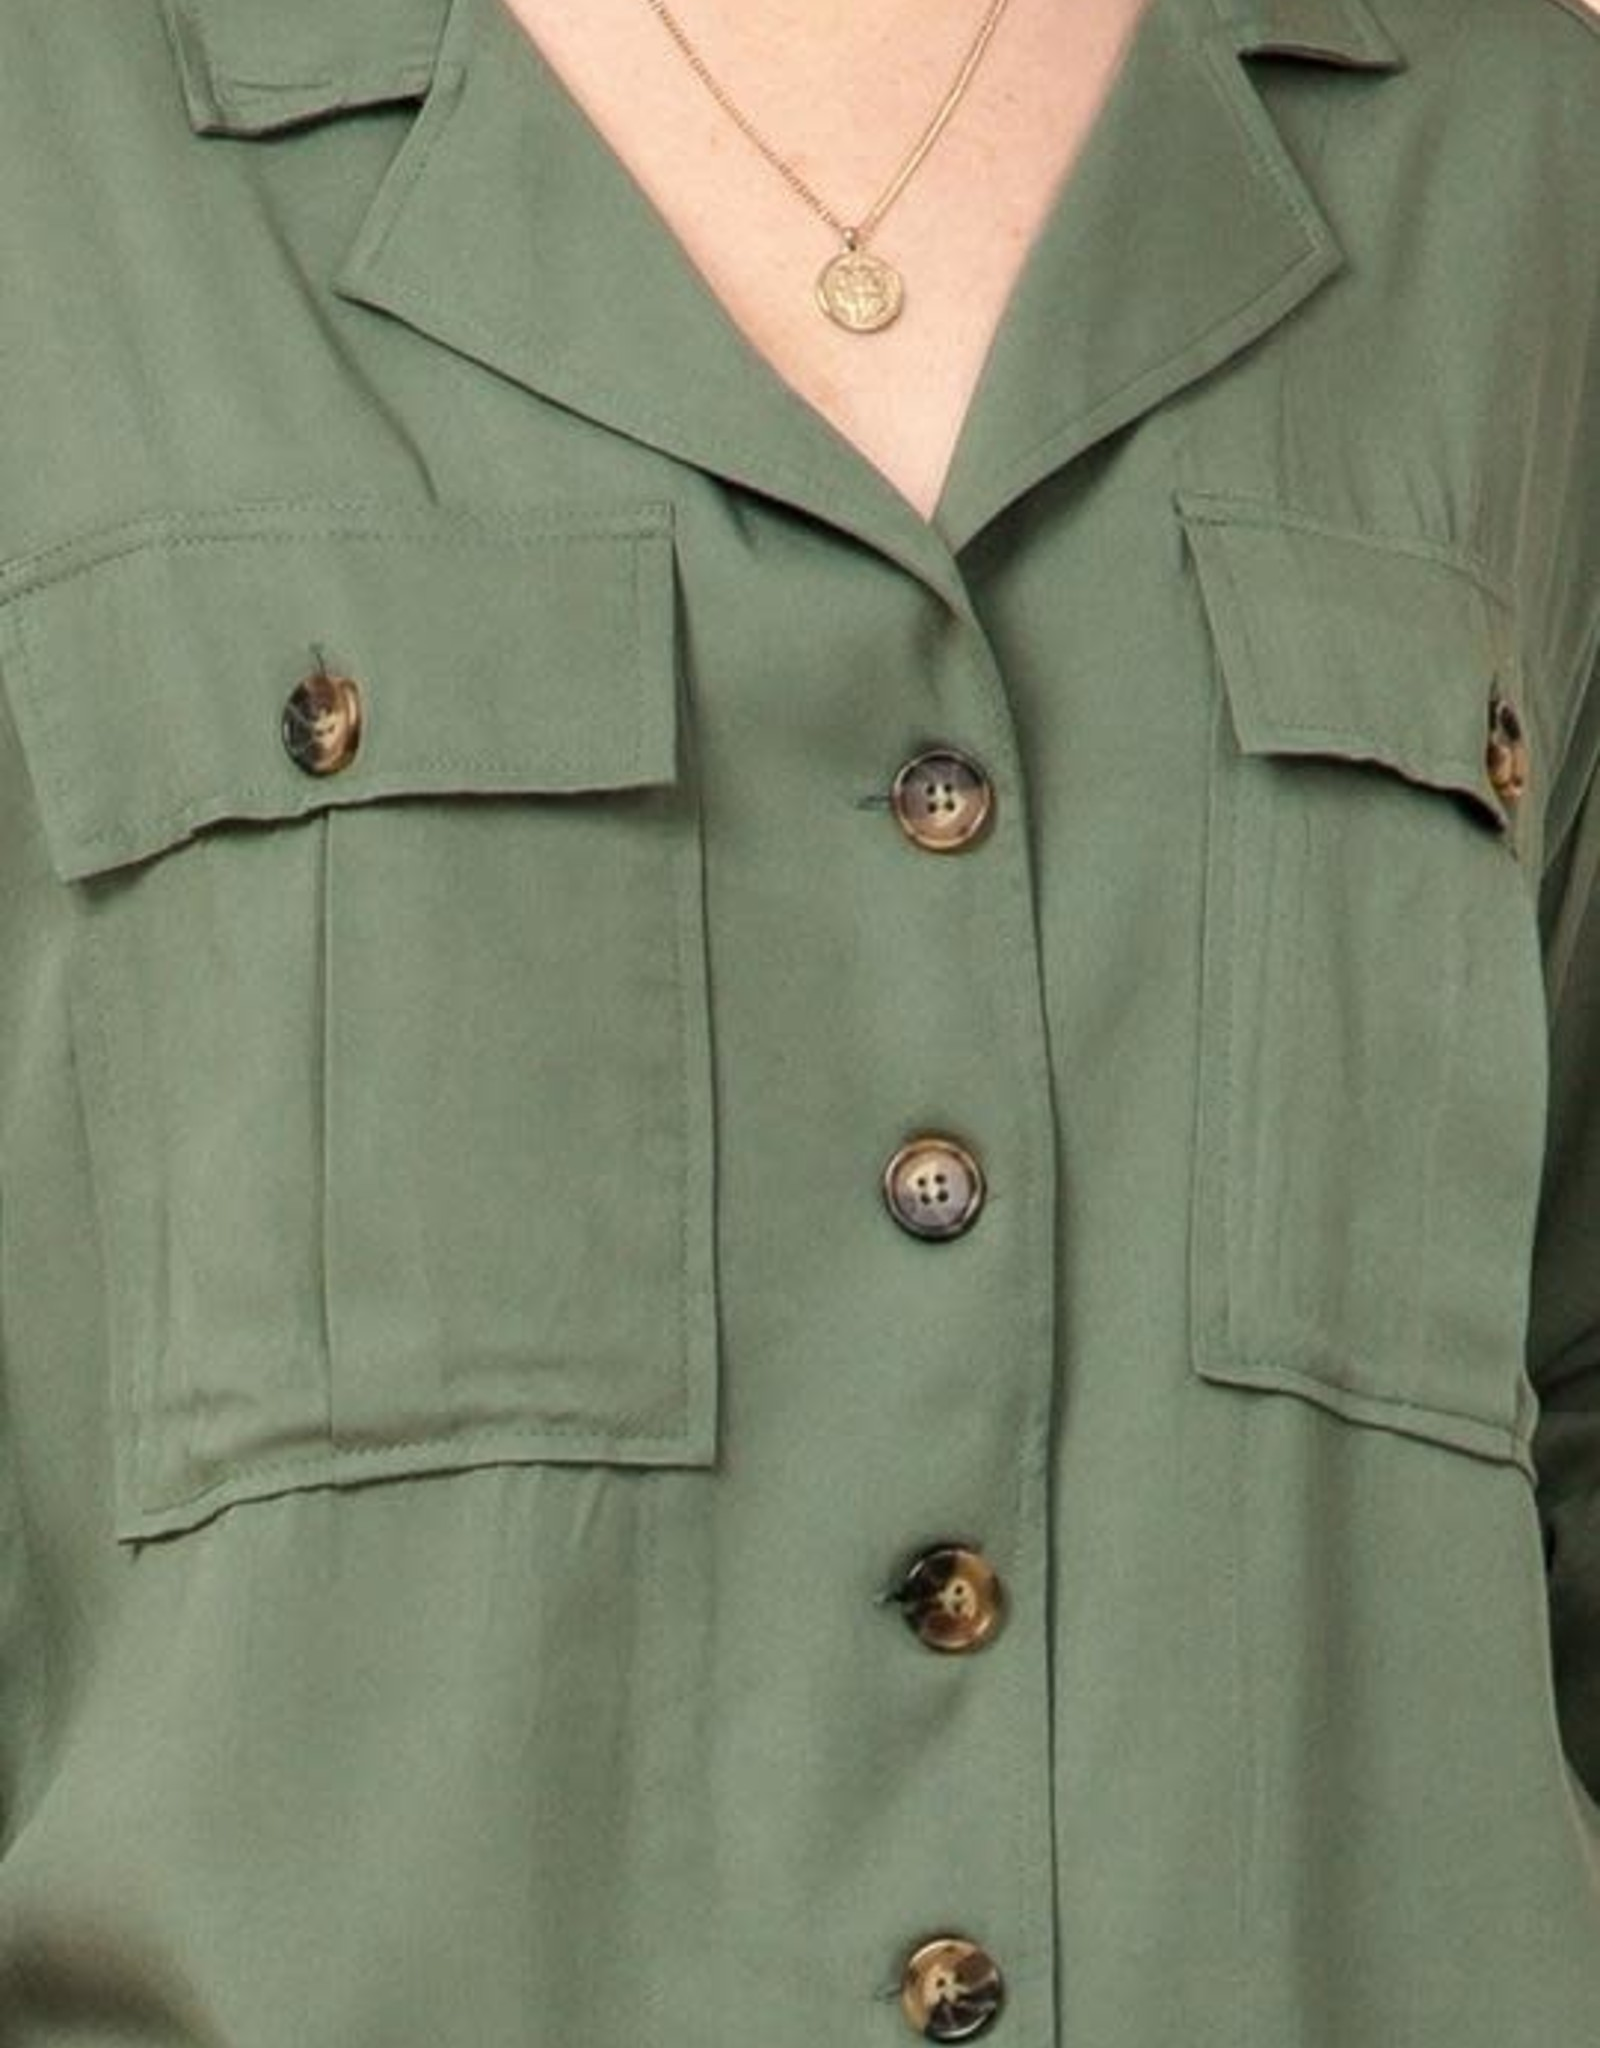 HYFVE Oversized Button-Up